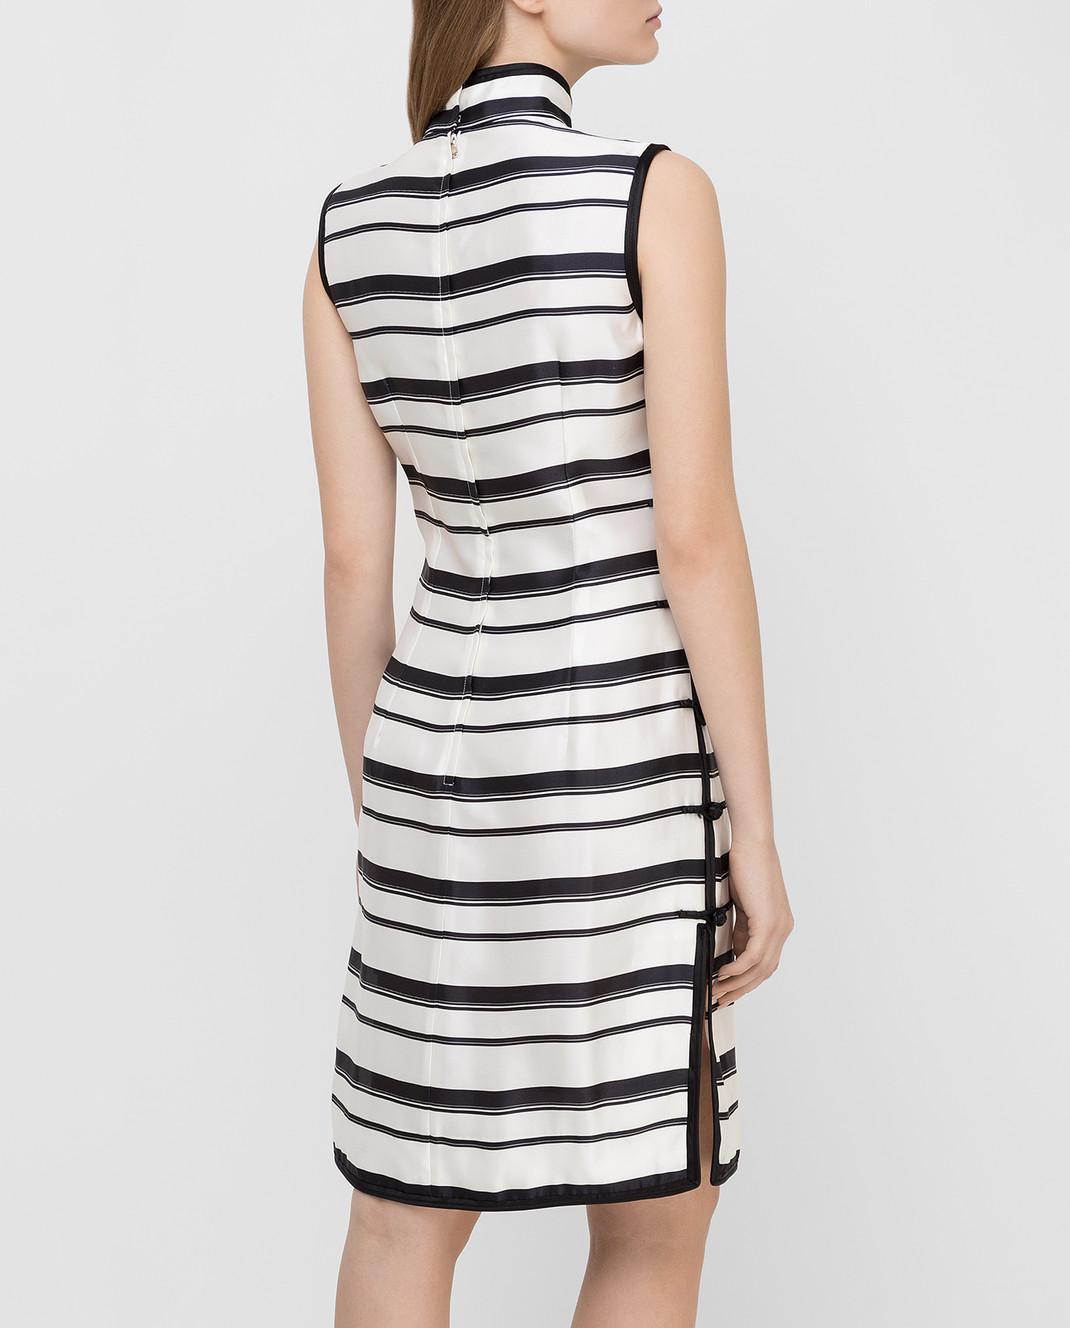 Dolce&Gabbana Белое платье из шелка F6XG7ZHS1D0 изображение 4